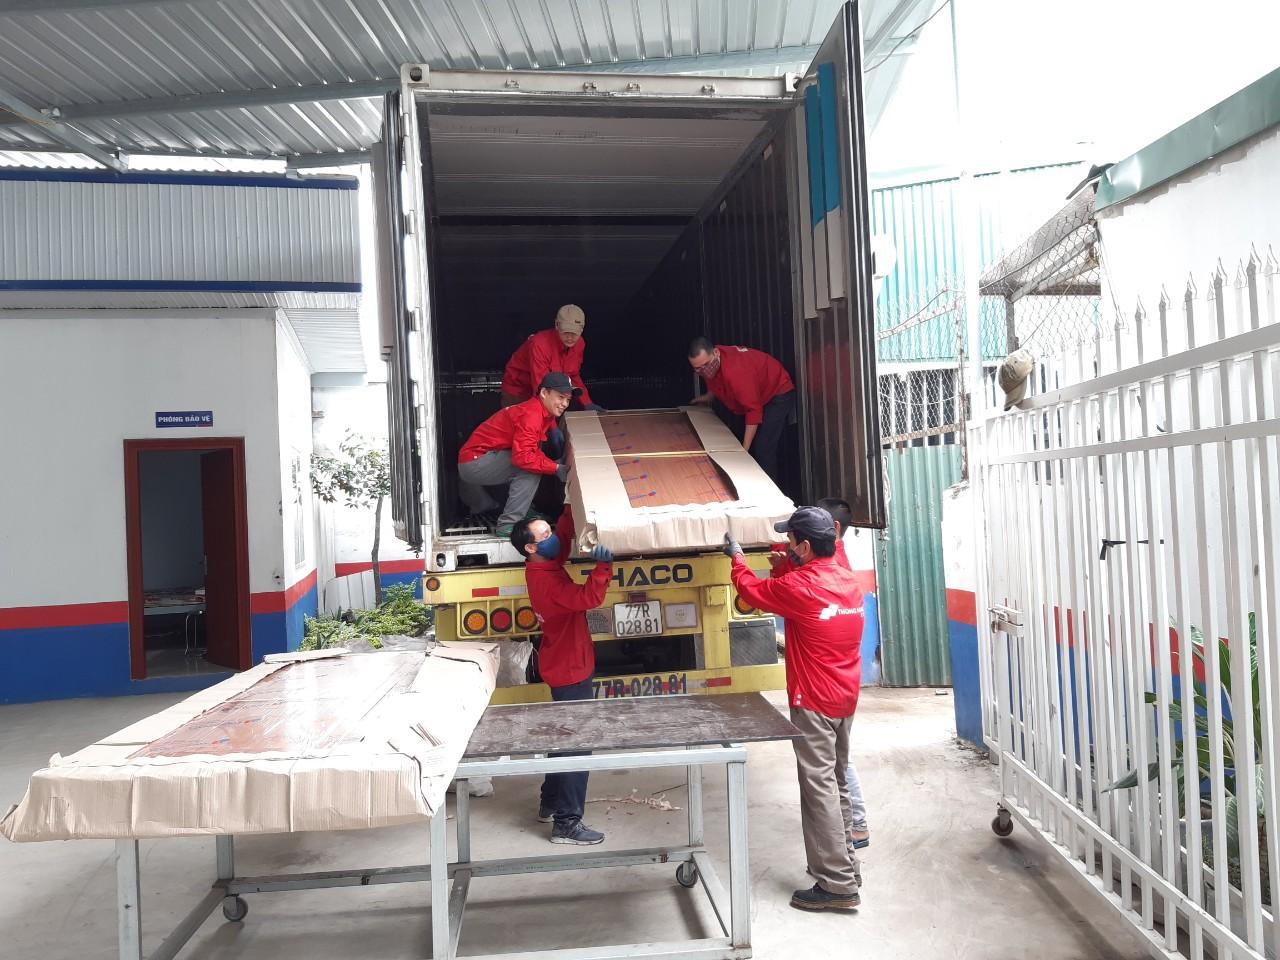 Lắp đặt cửa thép tại FLC Thanh Hóa